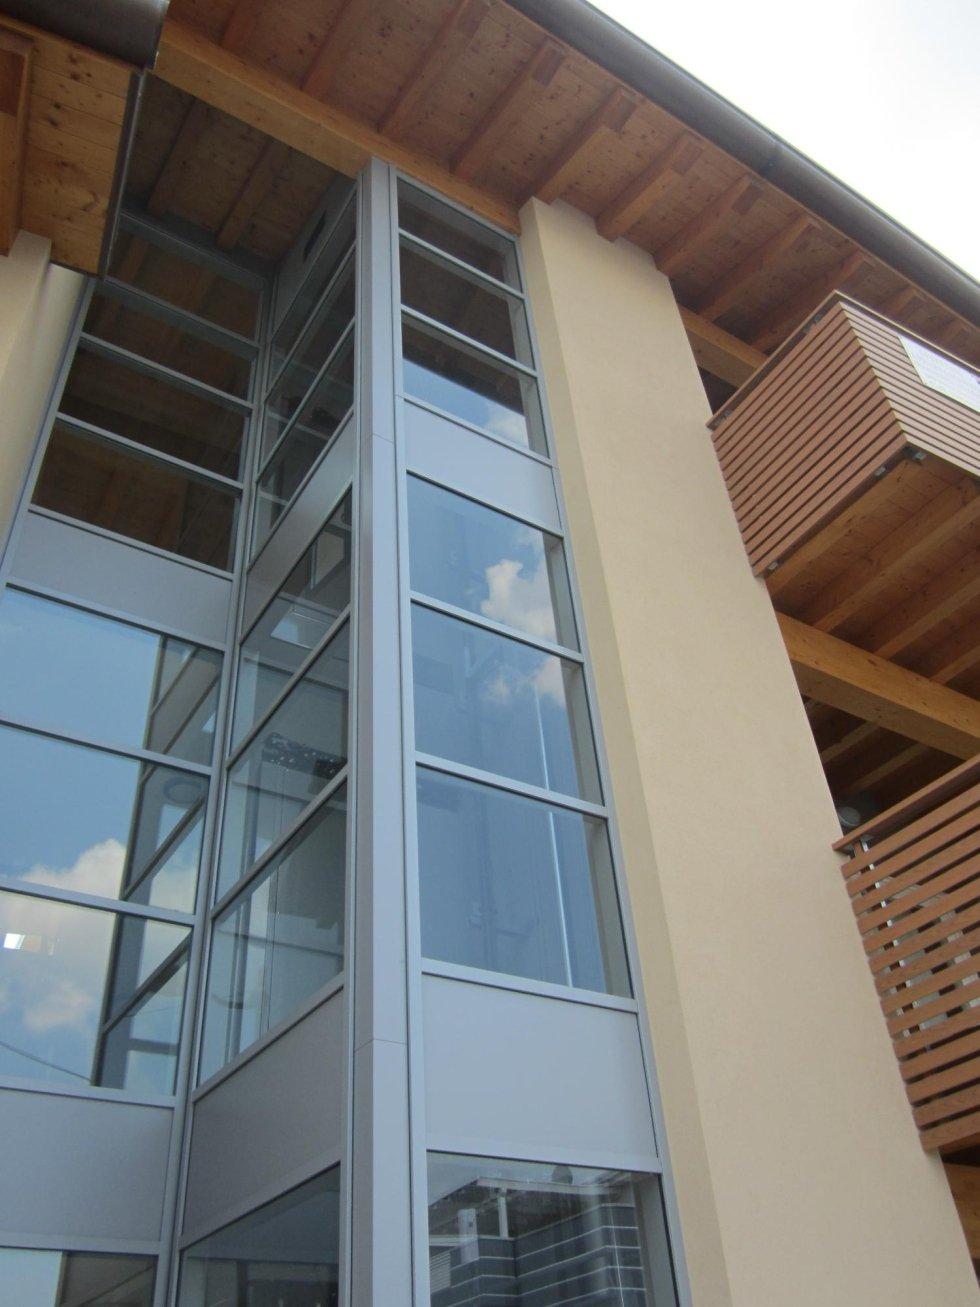 ascensore panoramico esterno in vetro di una casa in legno